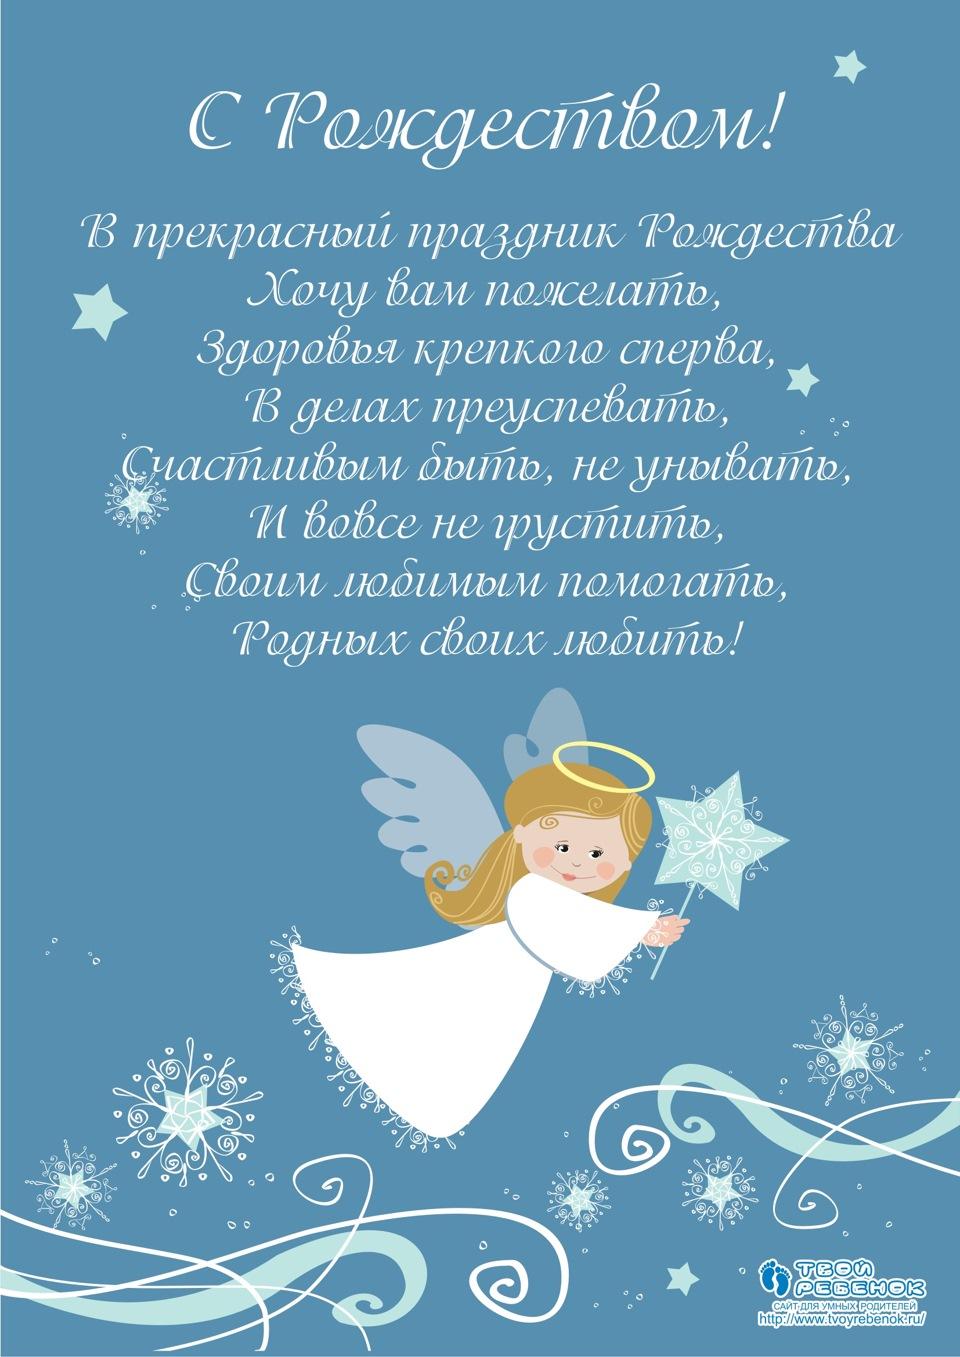 Поздравление ребенку на рождество